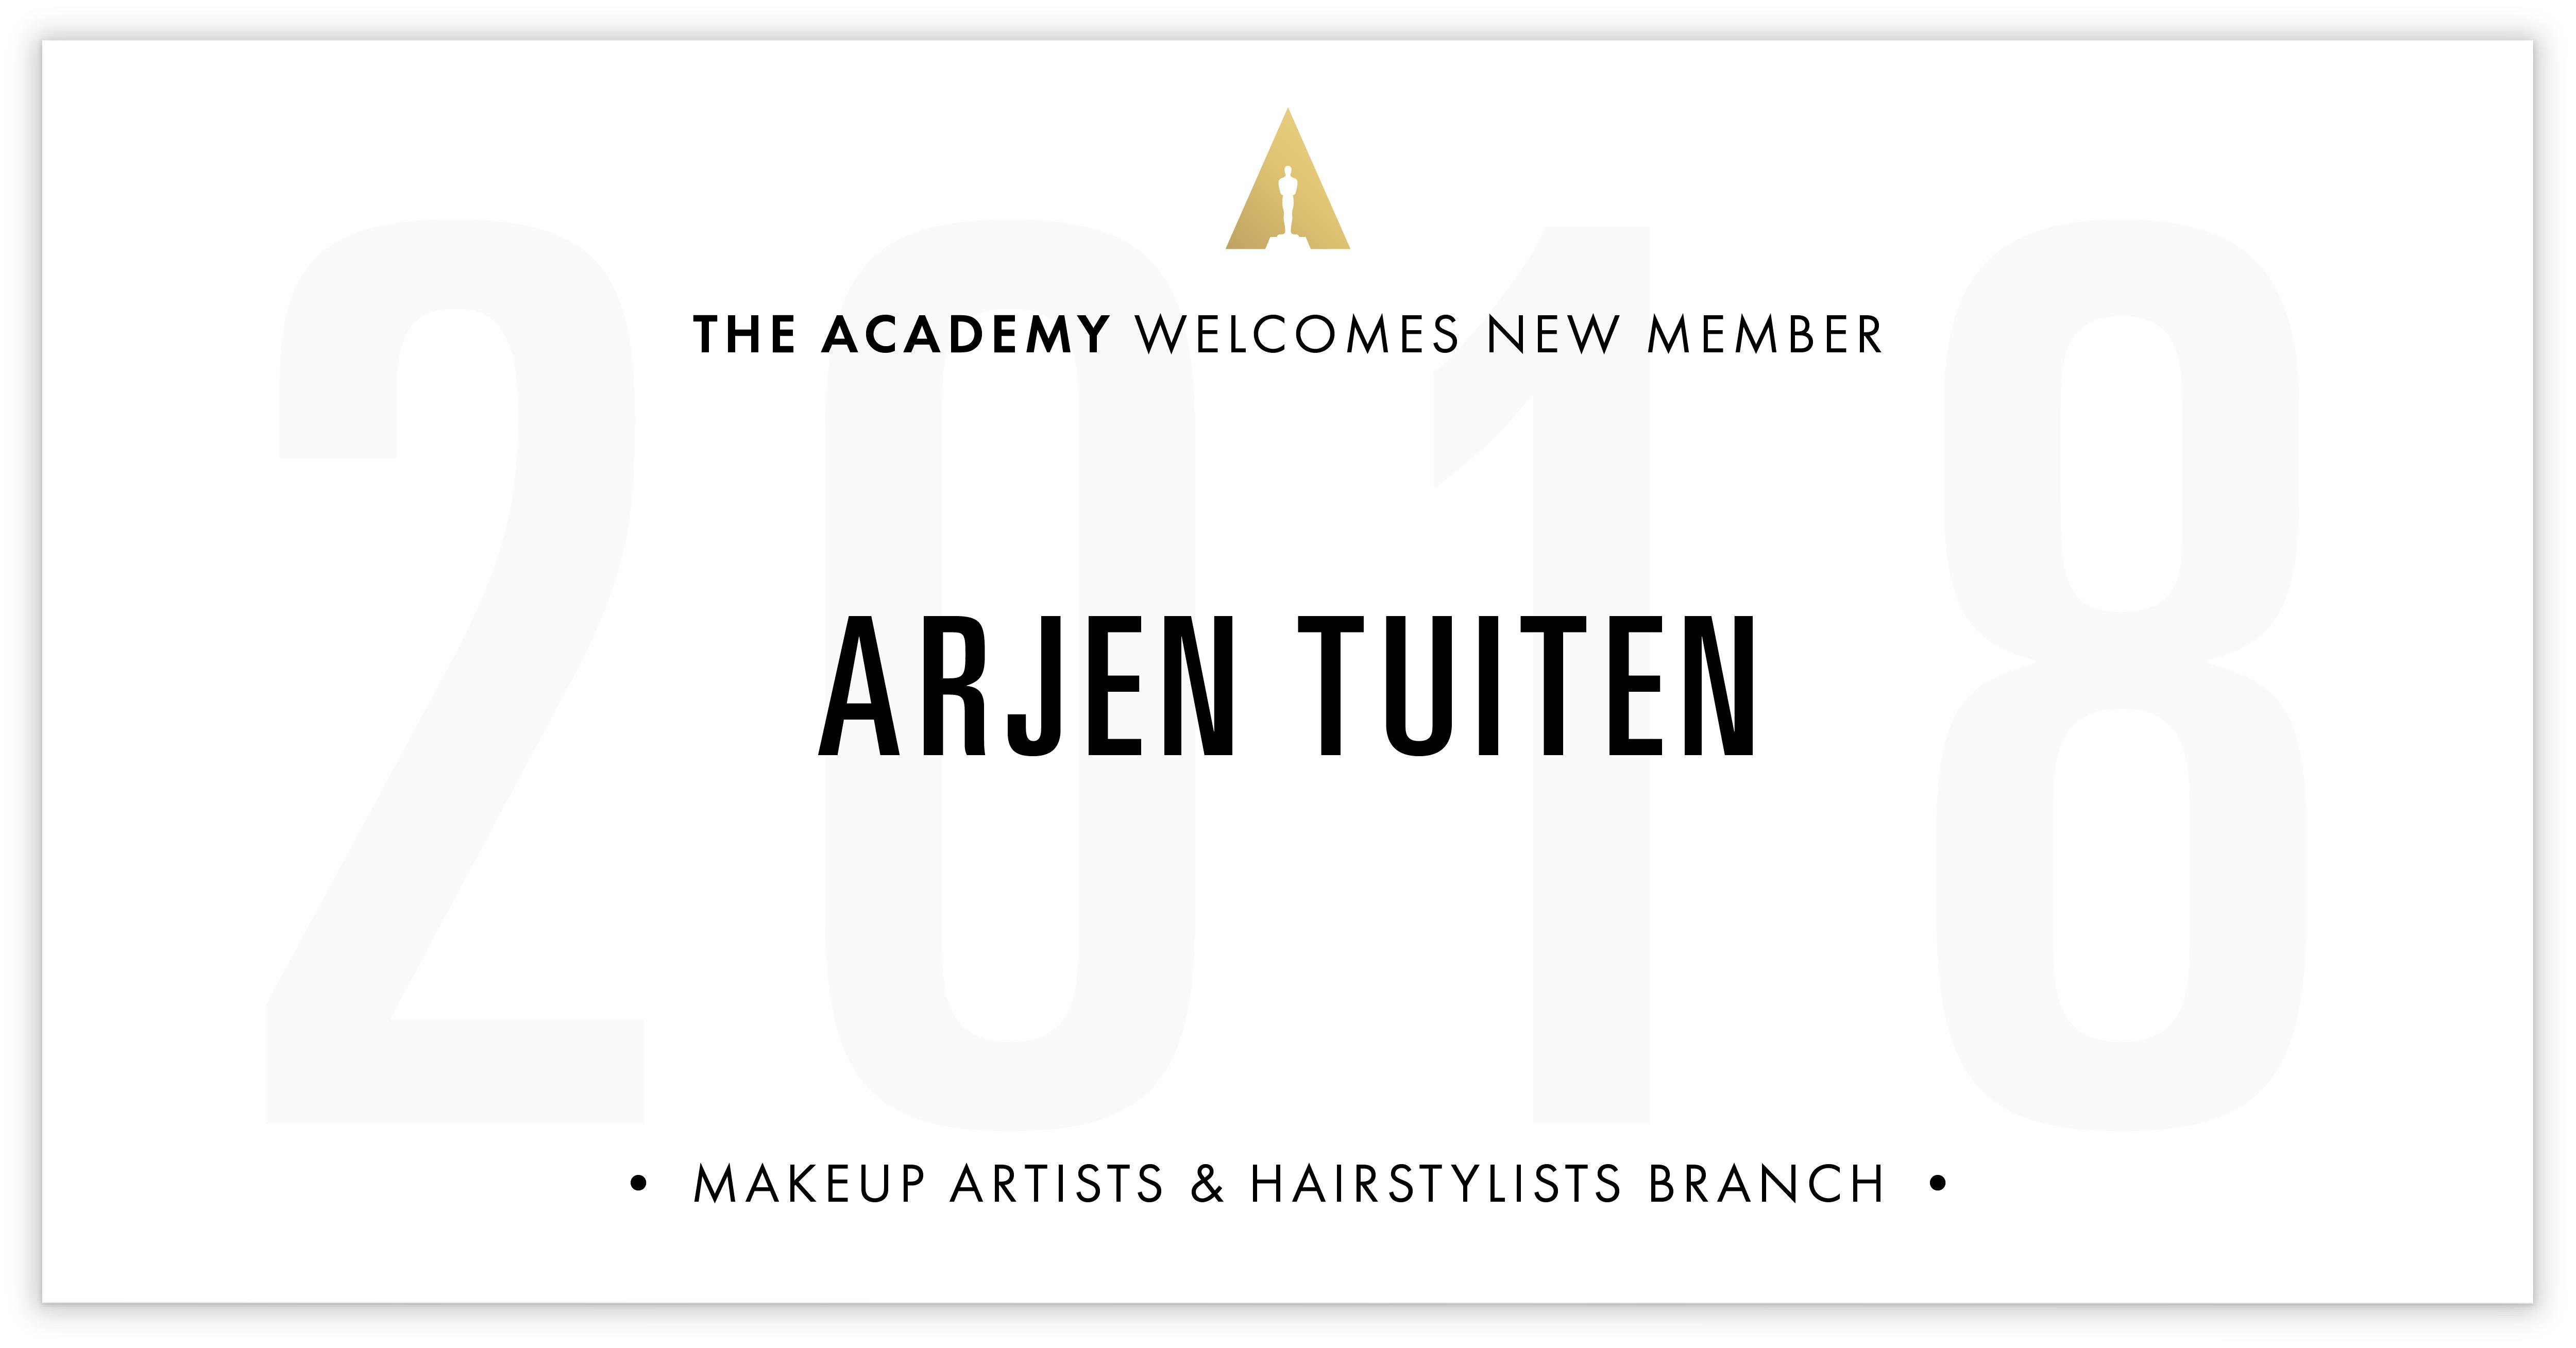 Arjen Tuiten is invited!